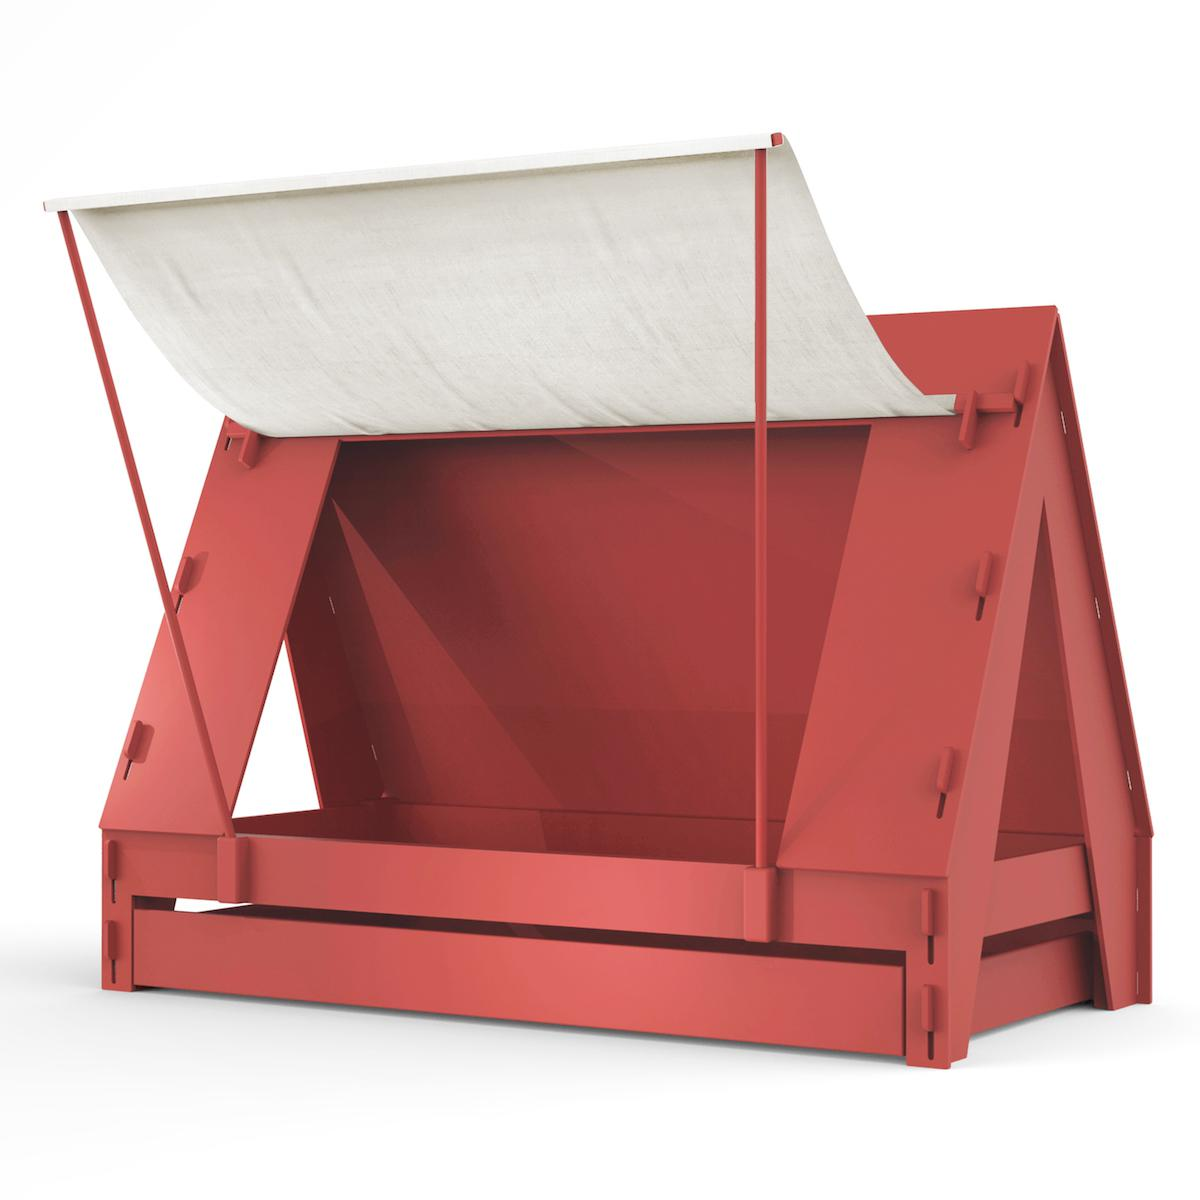 Lit bas-tiroir 90x200cm TENTE Mathy by Bols marsala